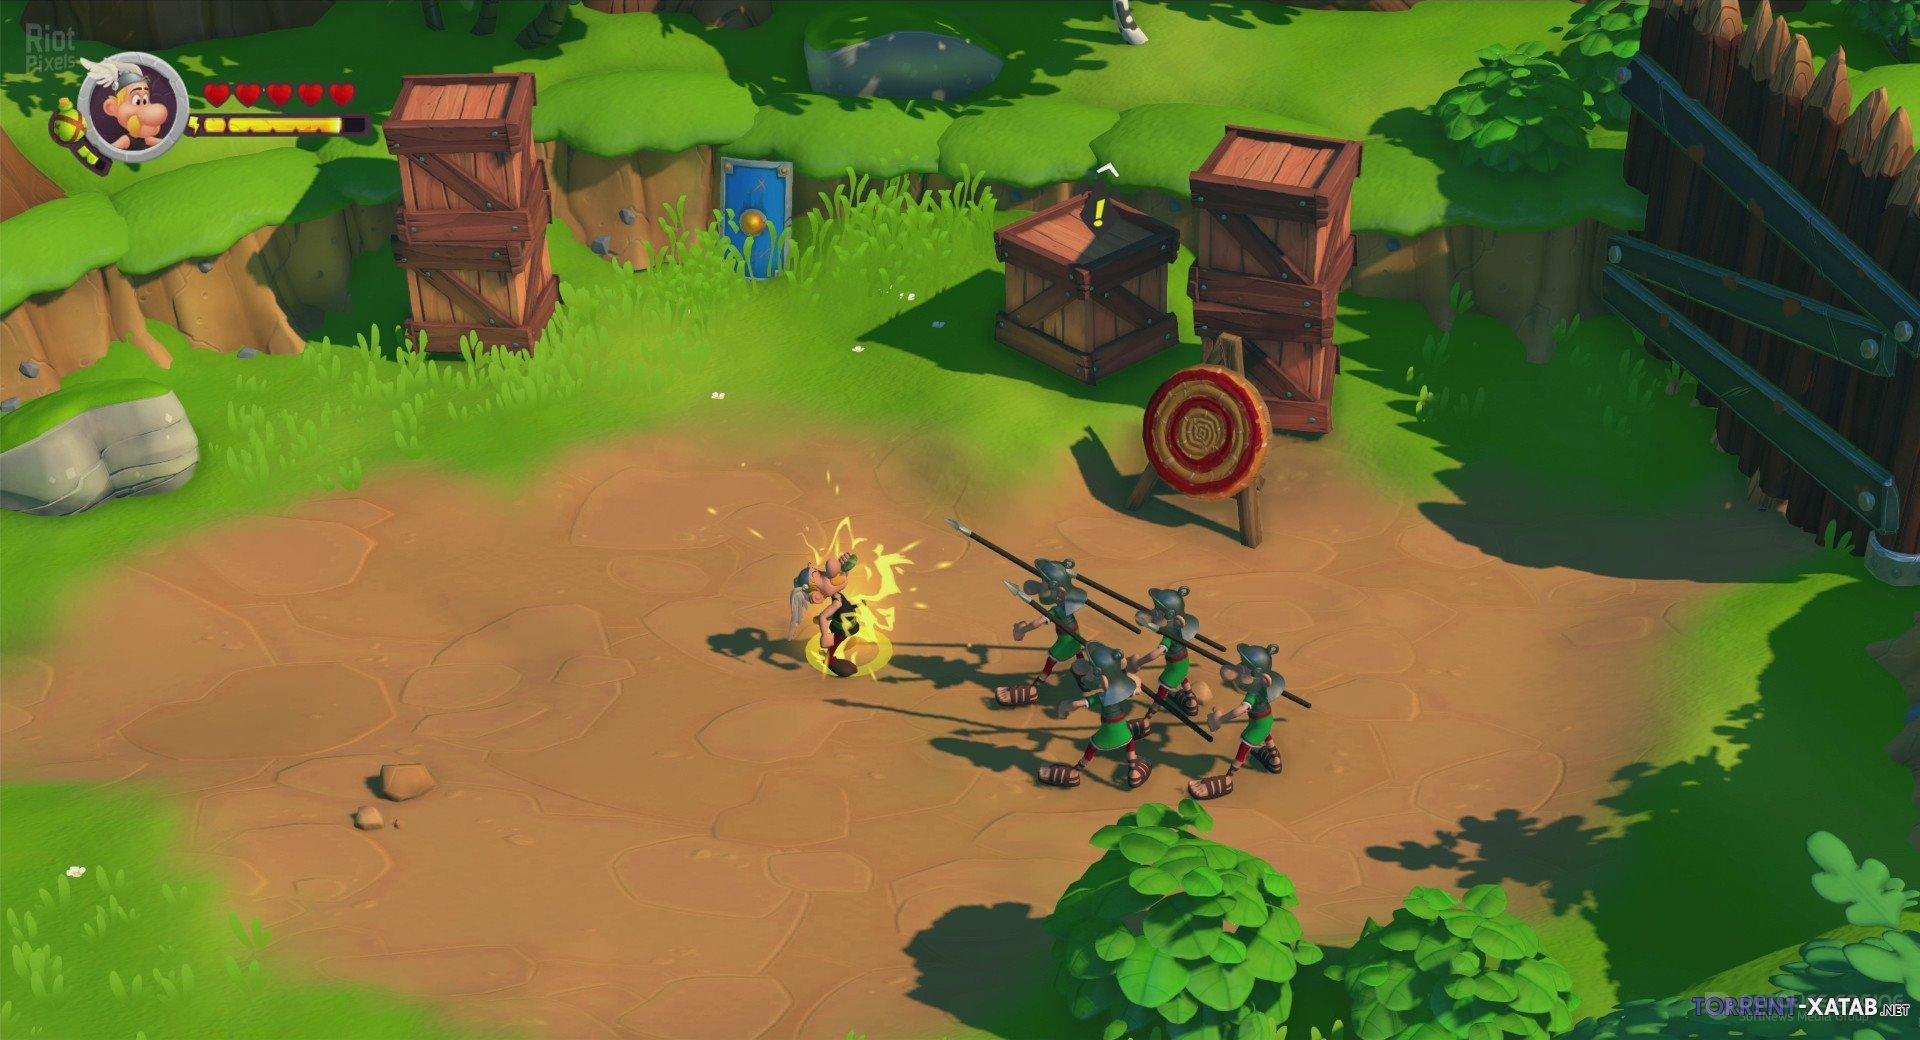 Скриншот к игре Asterix & Obelix XXL 3 The Crystal Menhir (1.59 (35937)+DLC) (2019) скачать торрент RePack